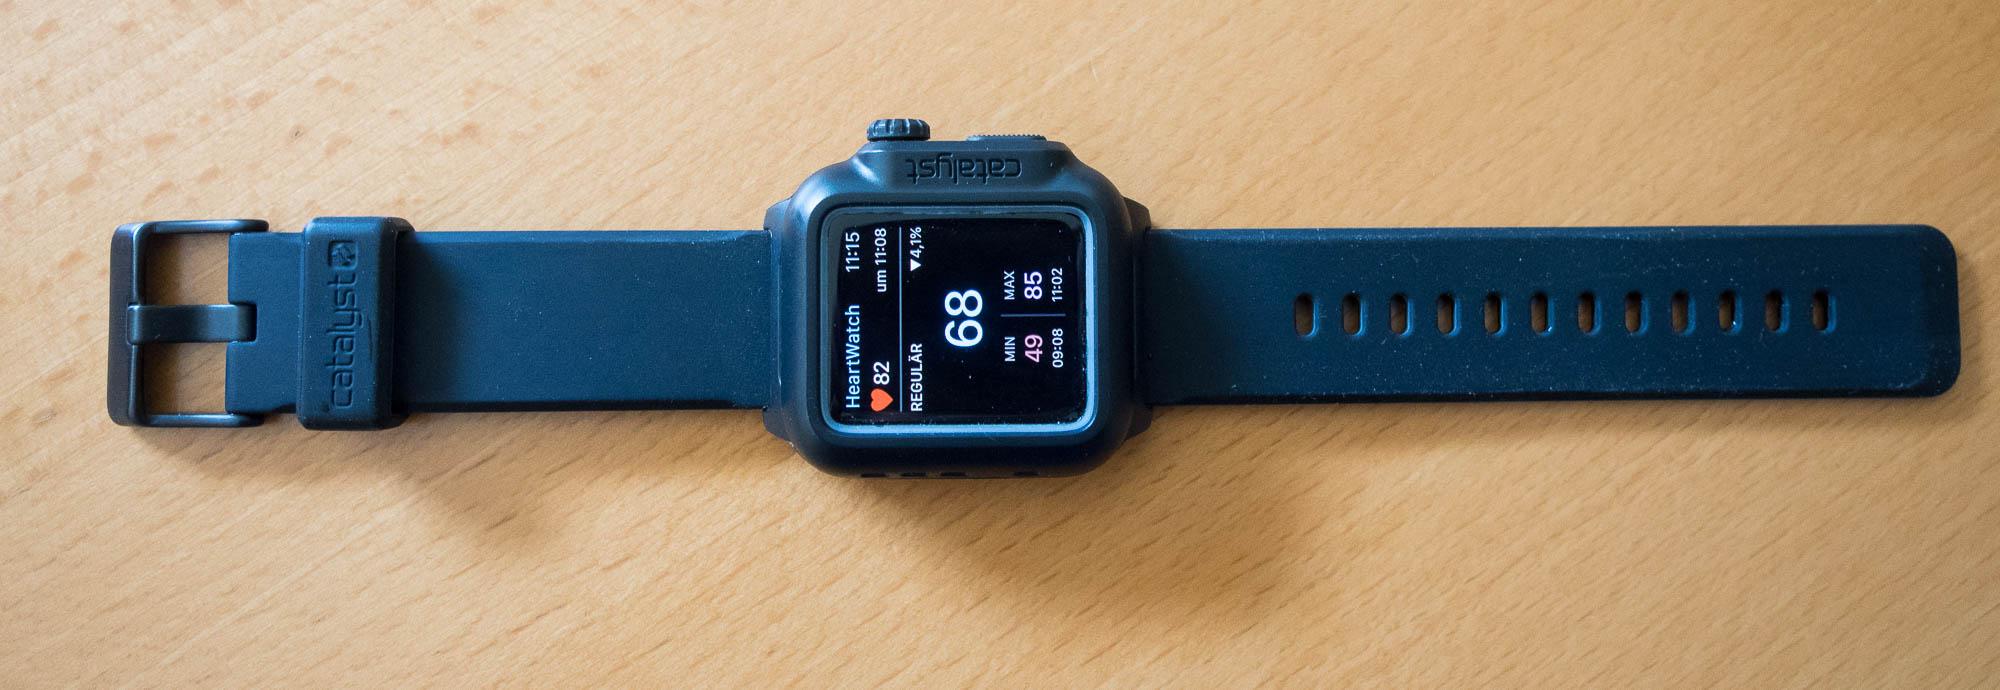 Schwimmen mit der Apple Watch